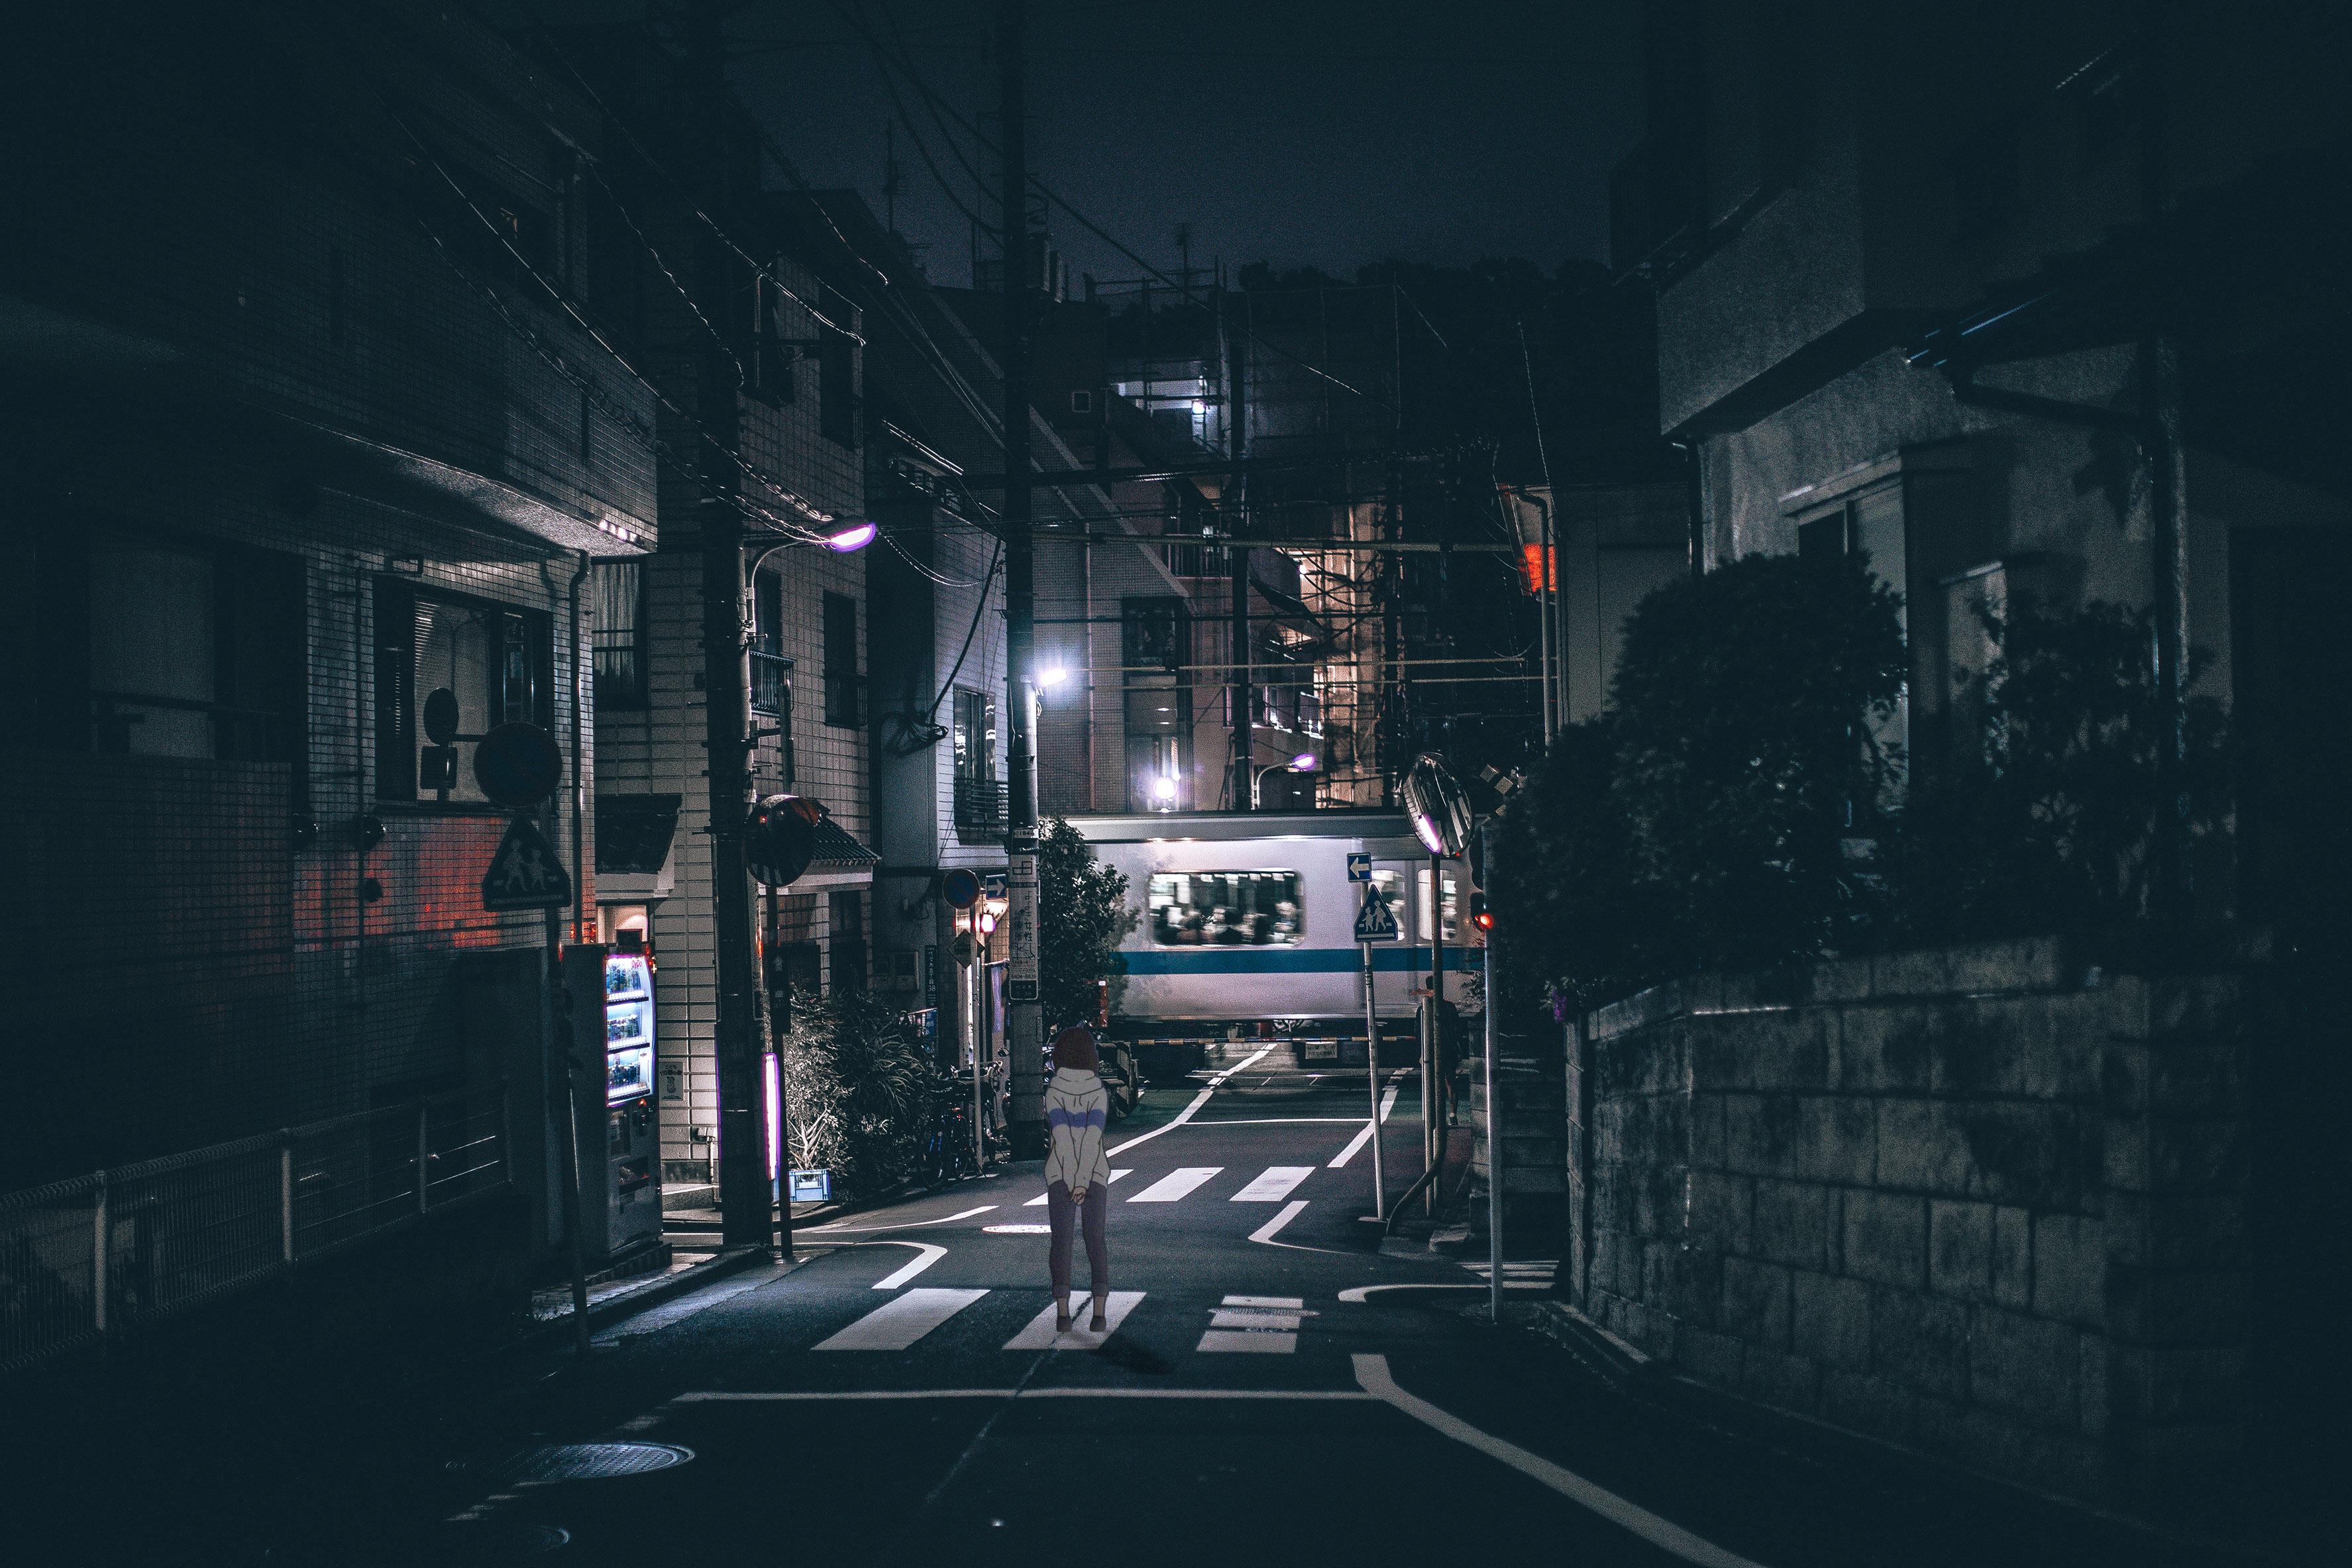 Nvidia Girls Wallpaper Wallpaper Japan Street Lights Night Urban Dark